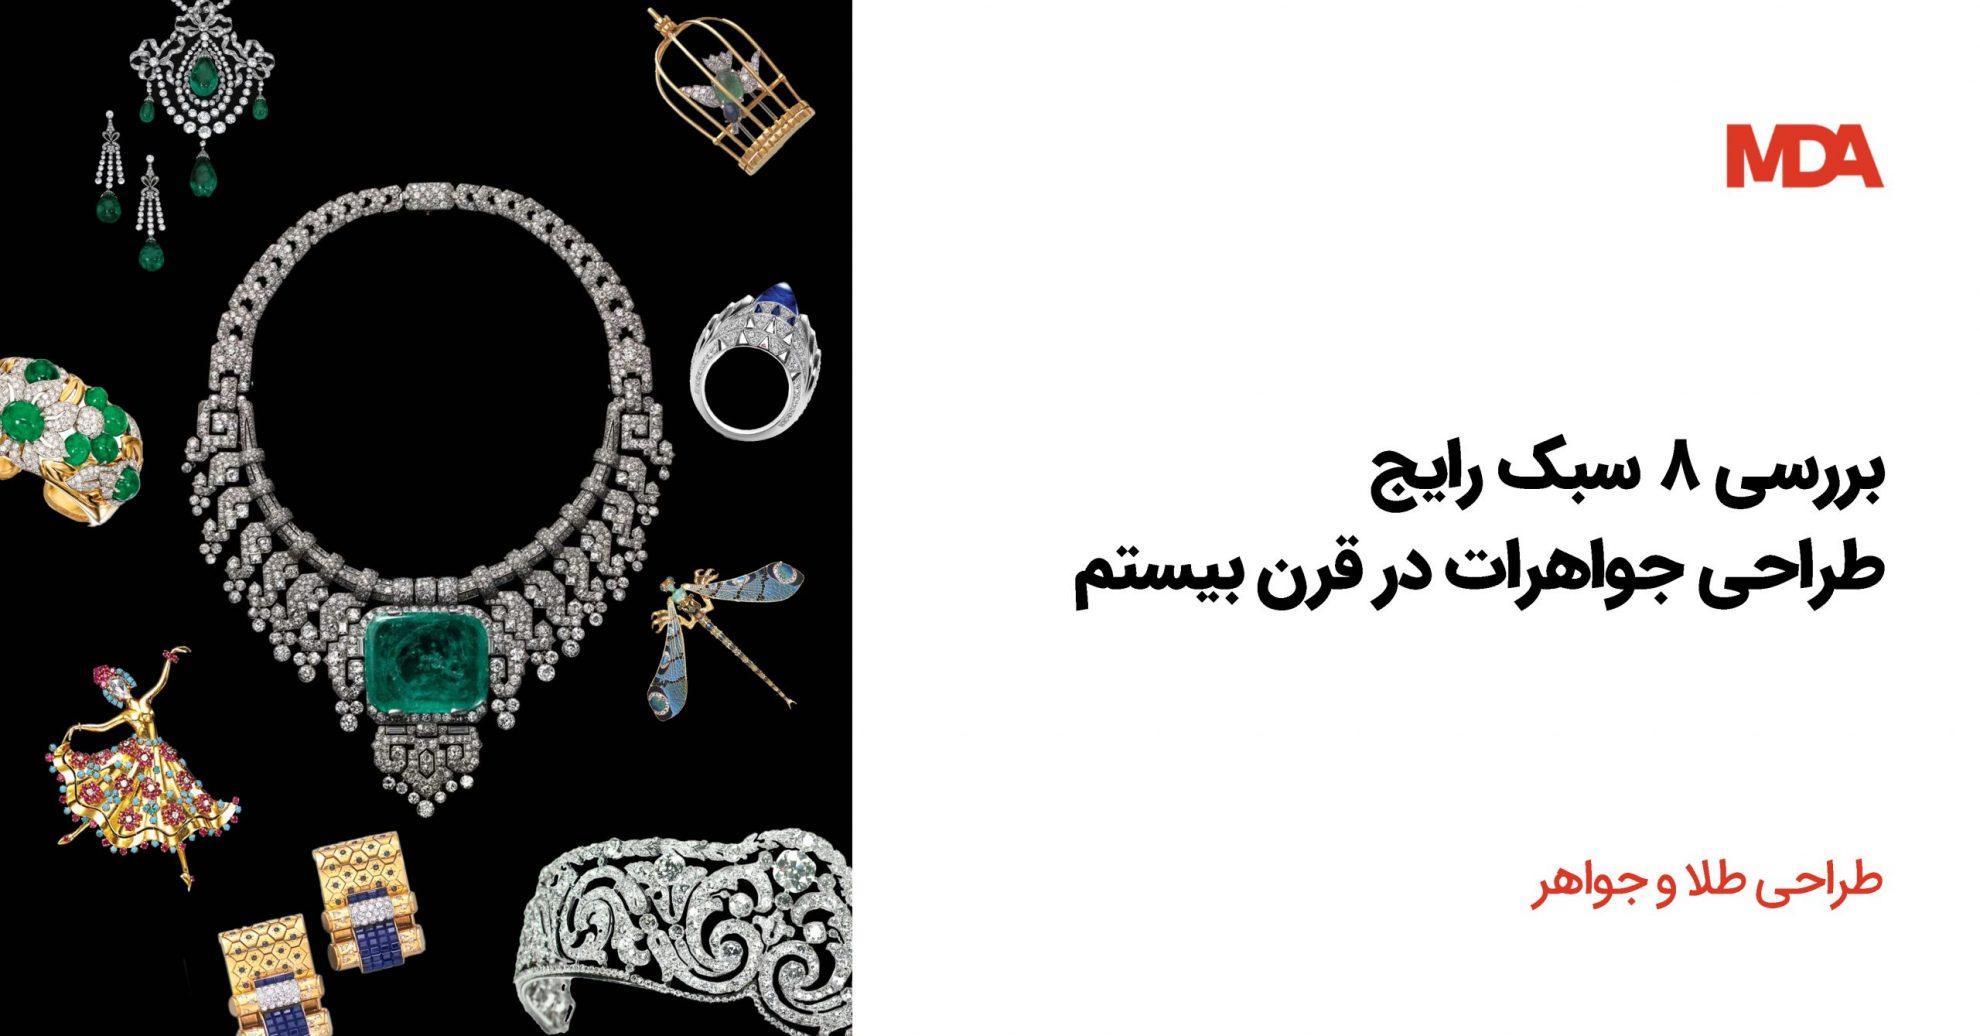 سبک های طراحی جواهرات در قرن بیستم,سبک جواهرات,سبک طراحی